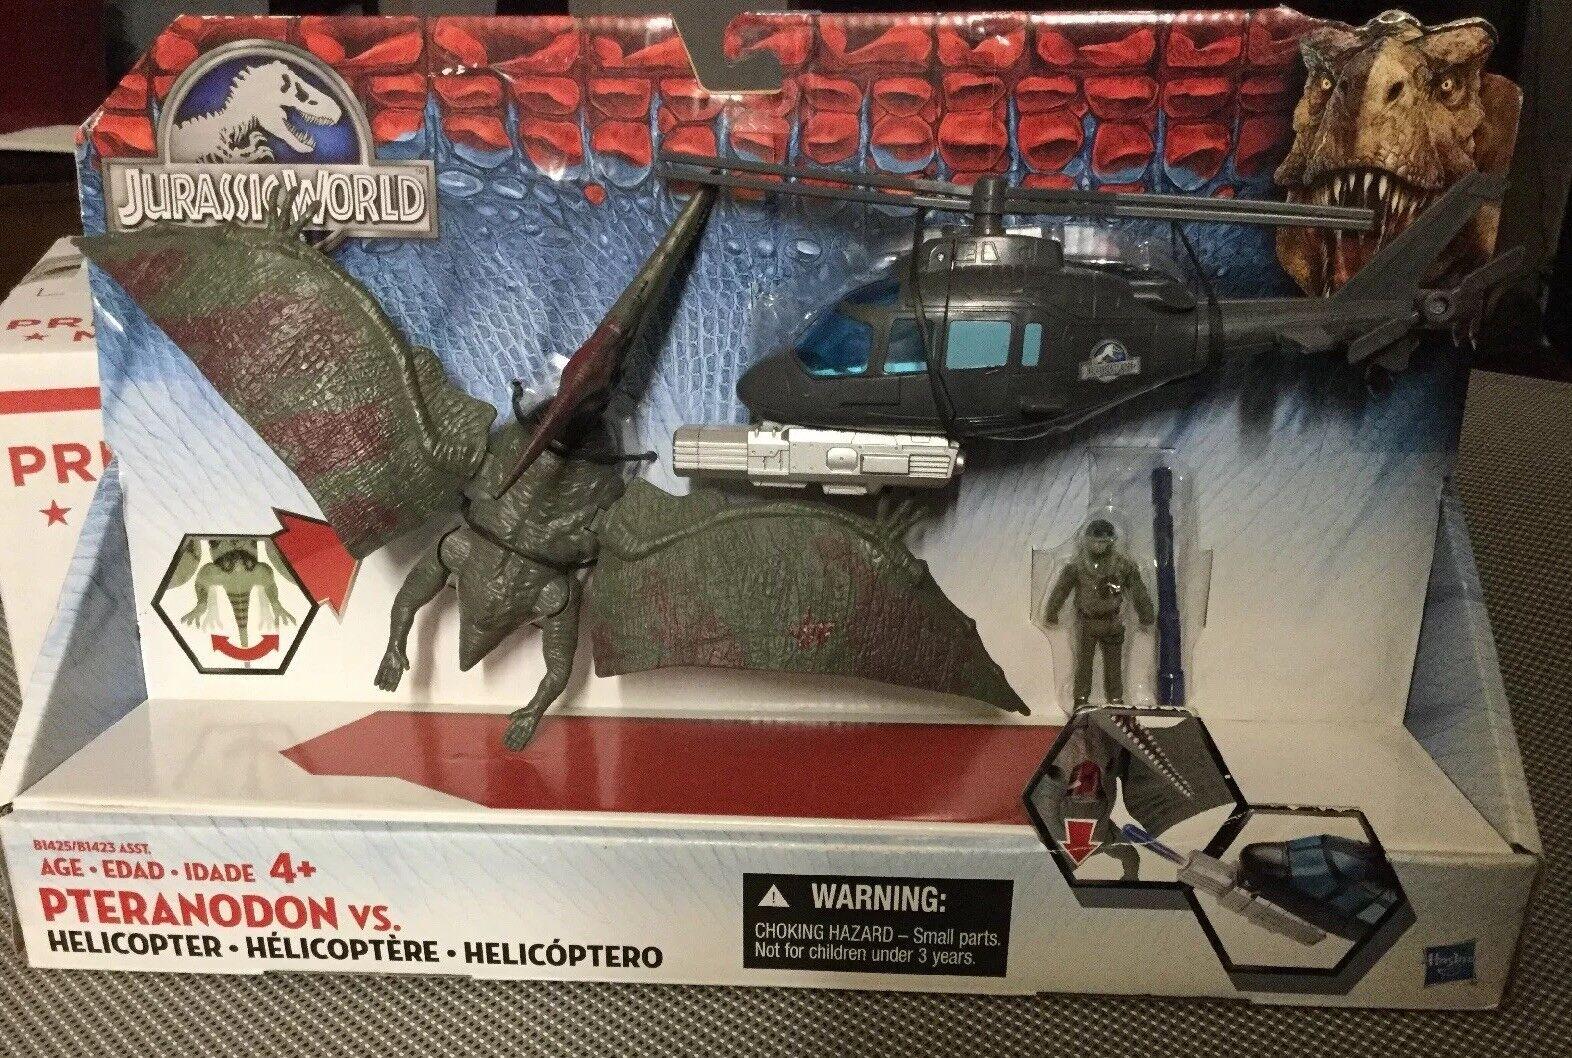 JURASSIC WORLD HASBRO PTERANODON VS HELICOPTER DINOSAUR DINOSAUR DINOSAUR TOY JURASSIC PARK 958fb7